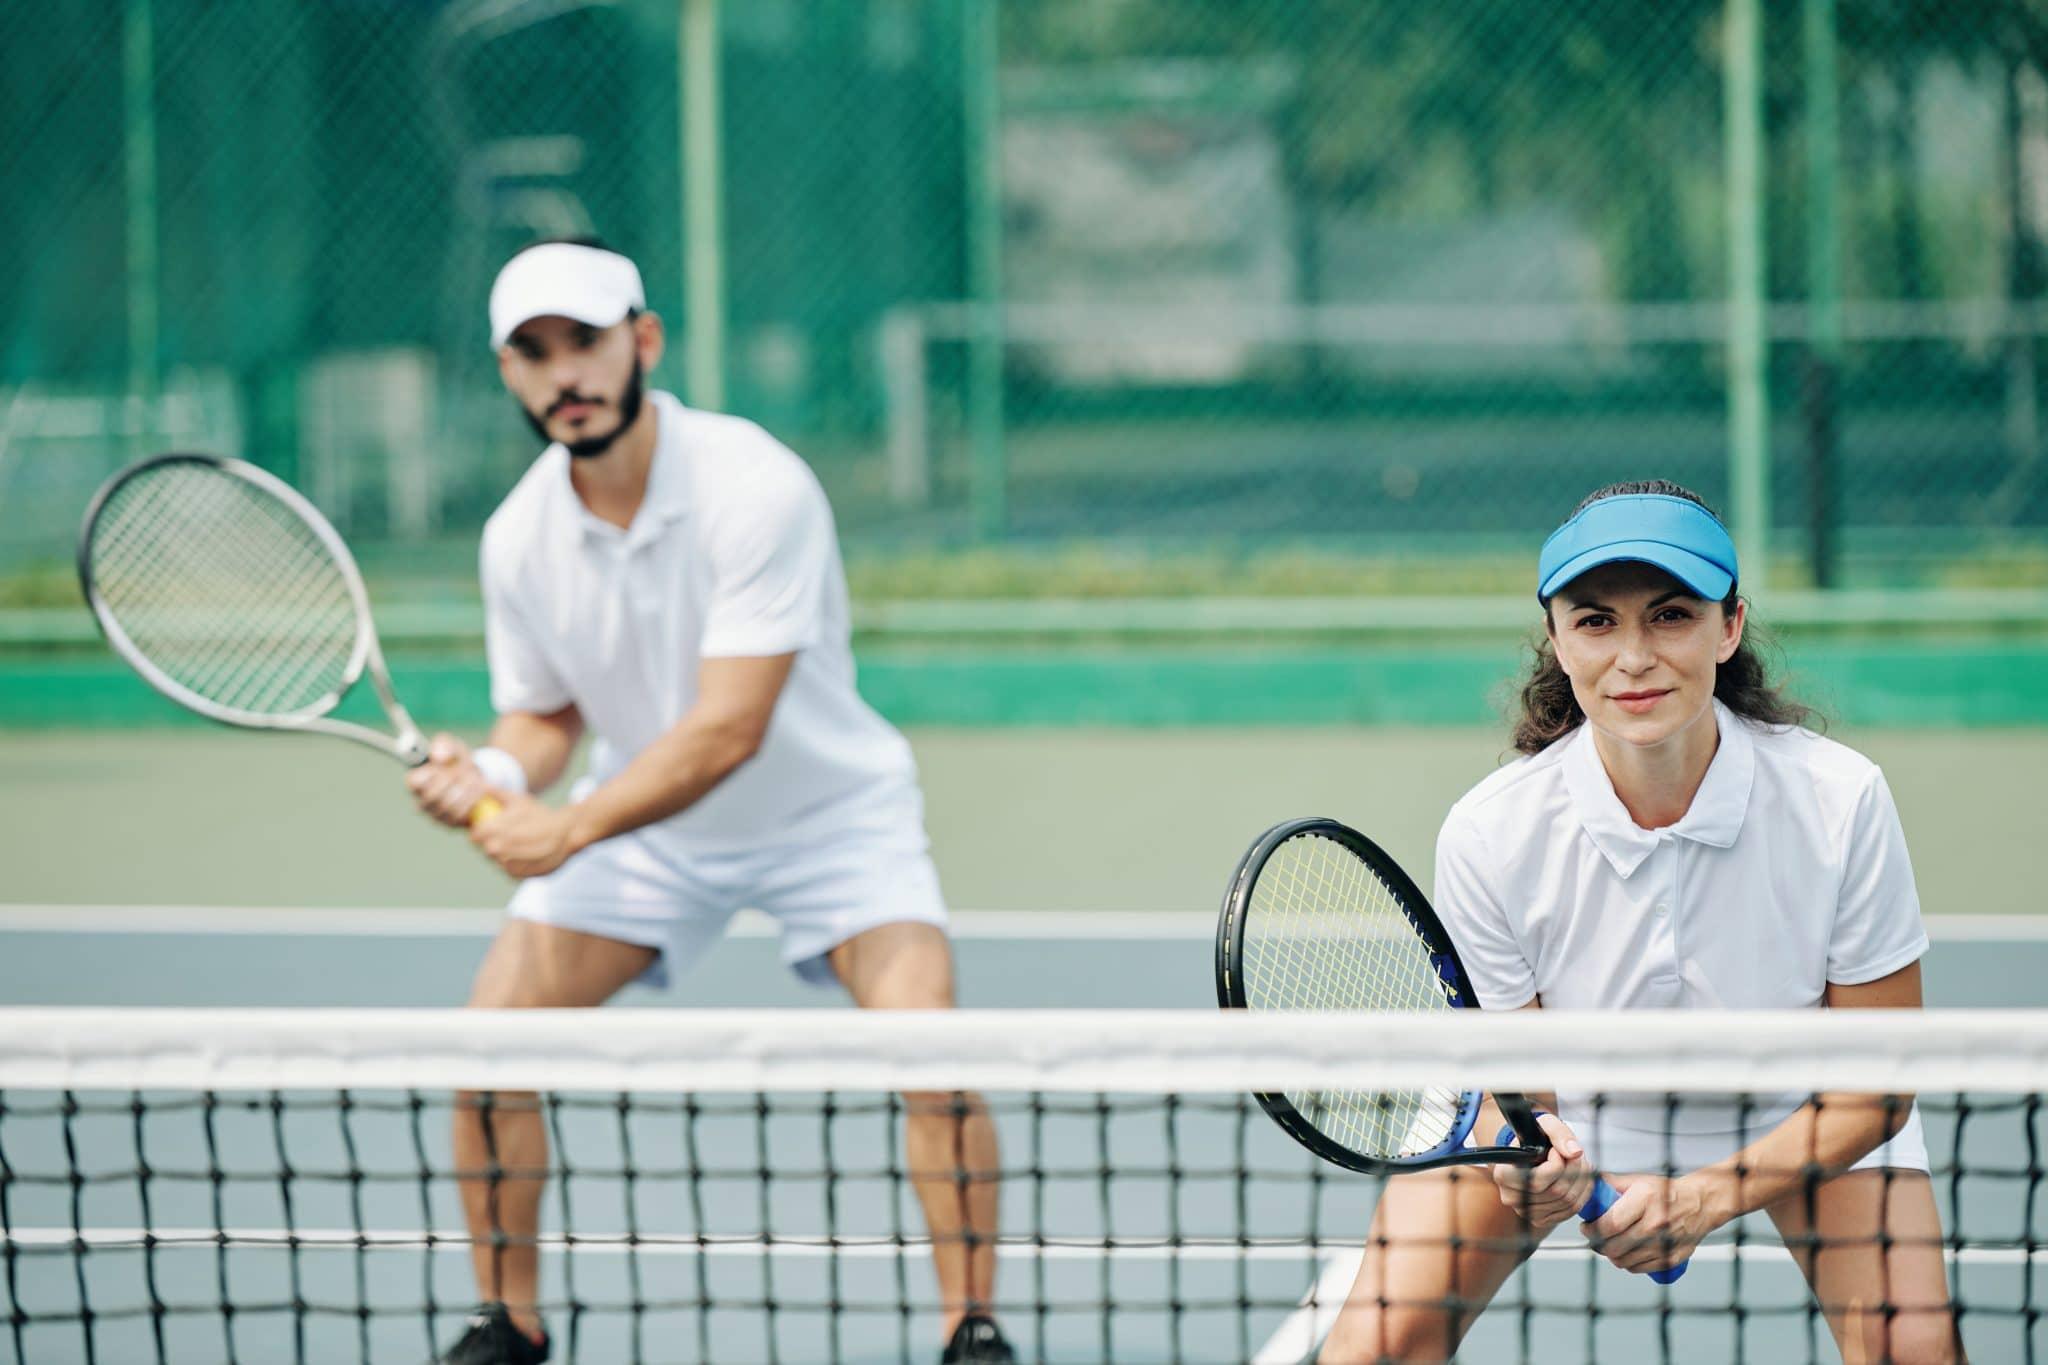 partida de tênis de dupla